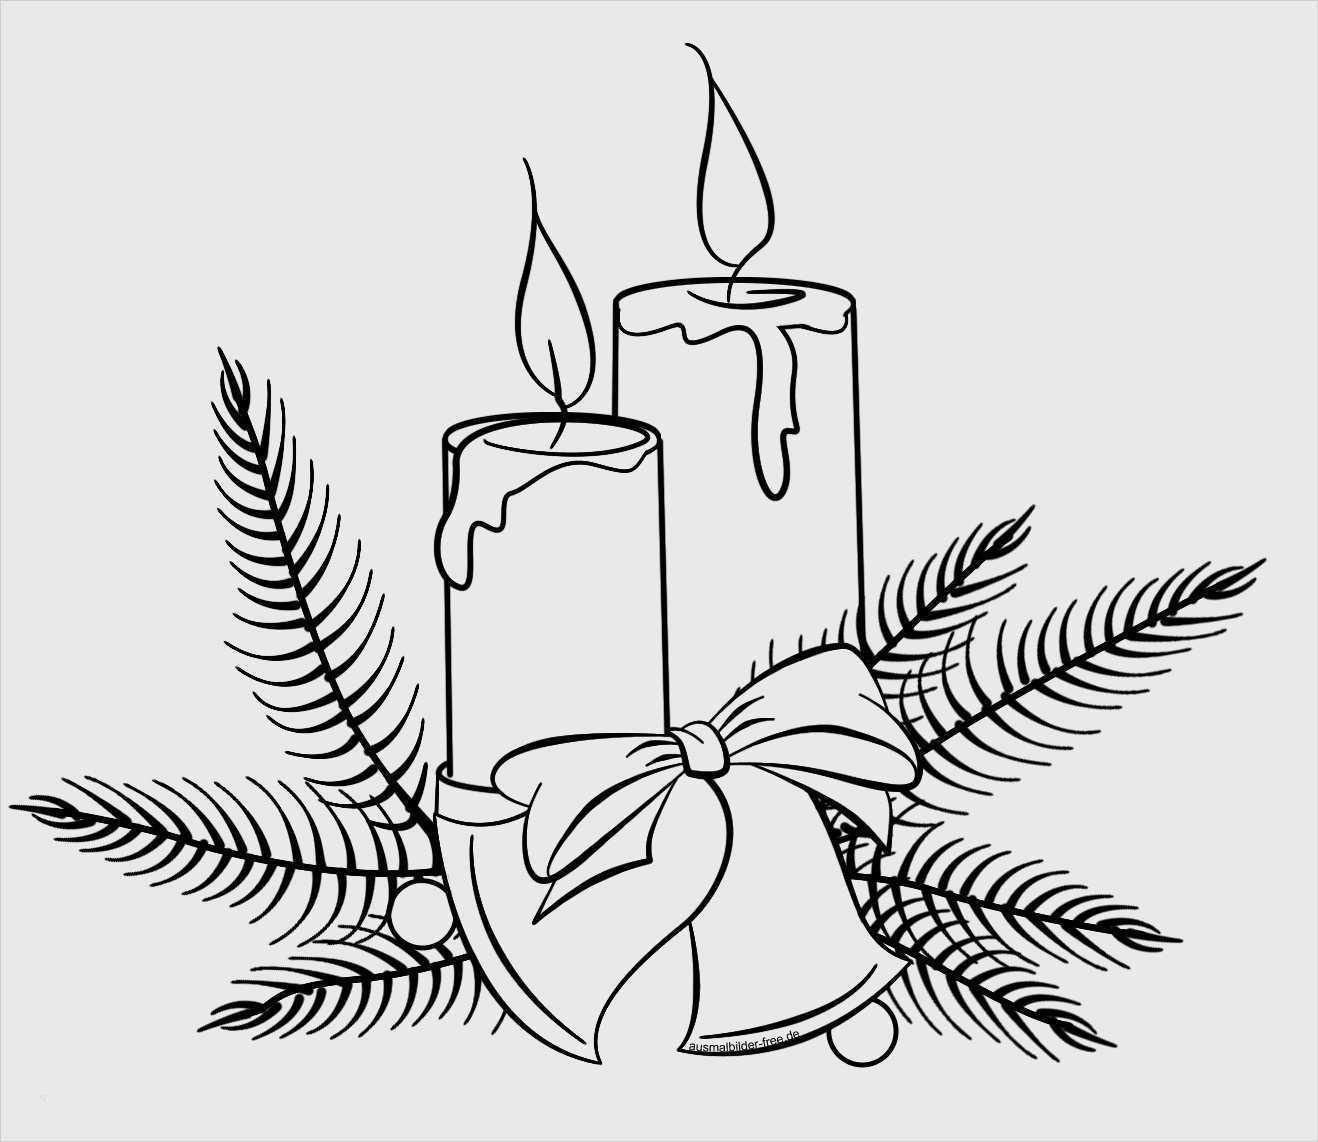 Kerzen Vorlagen Zum Ausdrucken 20 Neu Ebendiese Können verwandt mit Kerzen Ausmalbilder